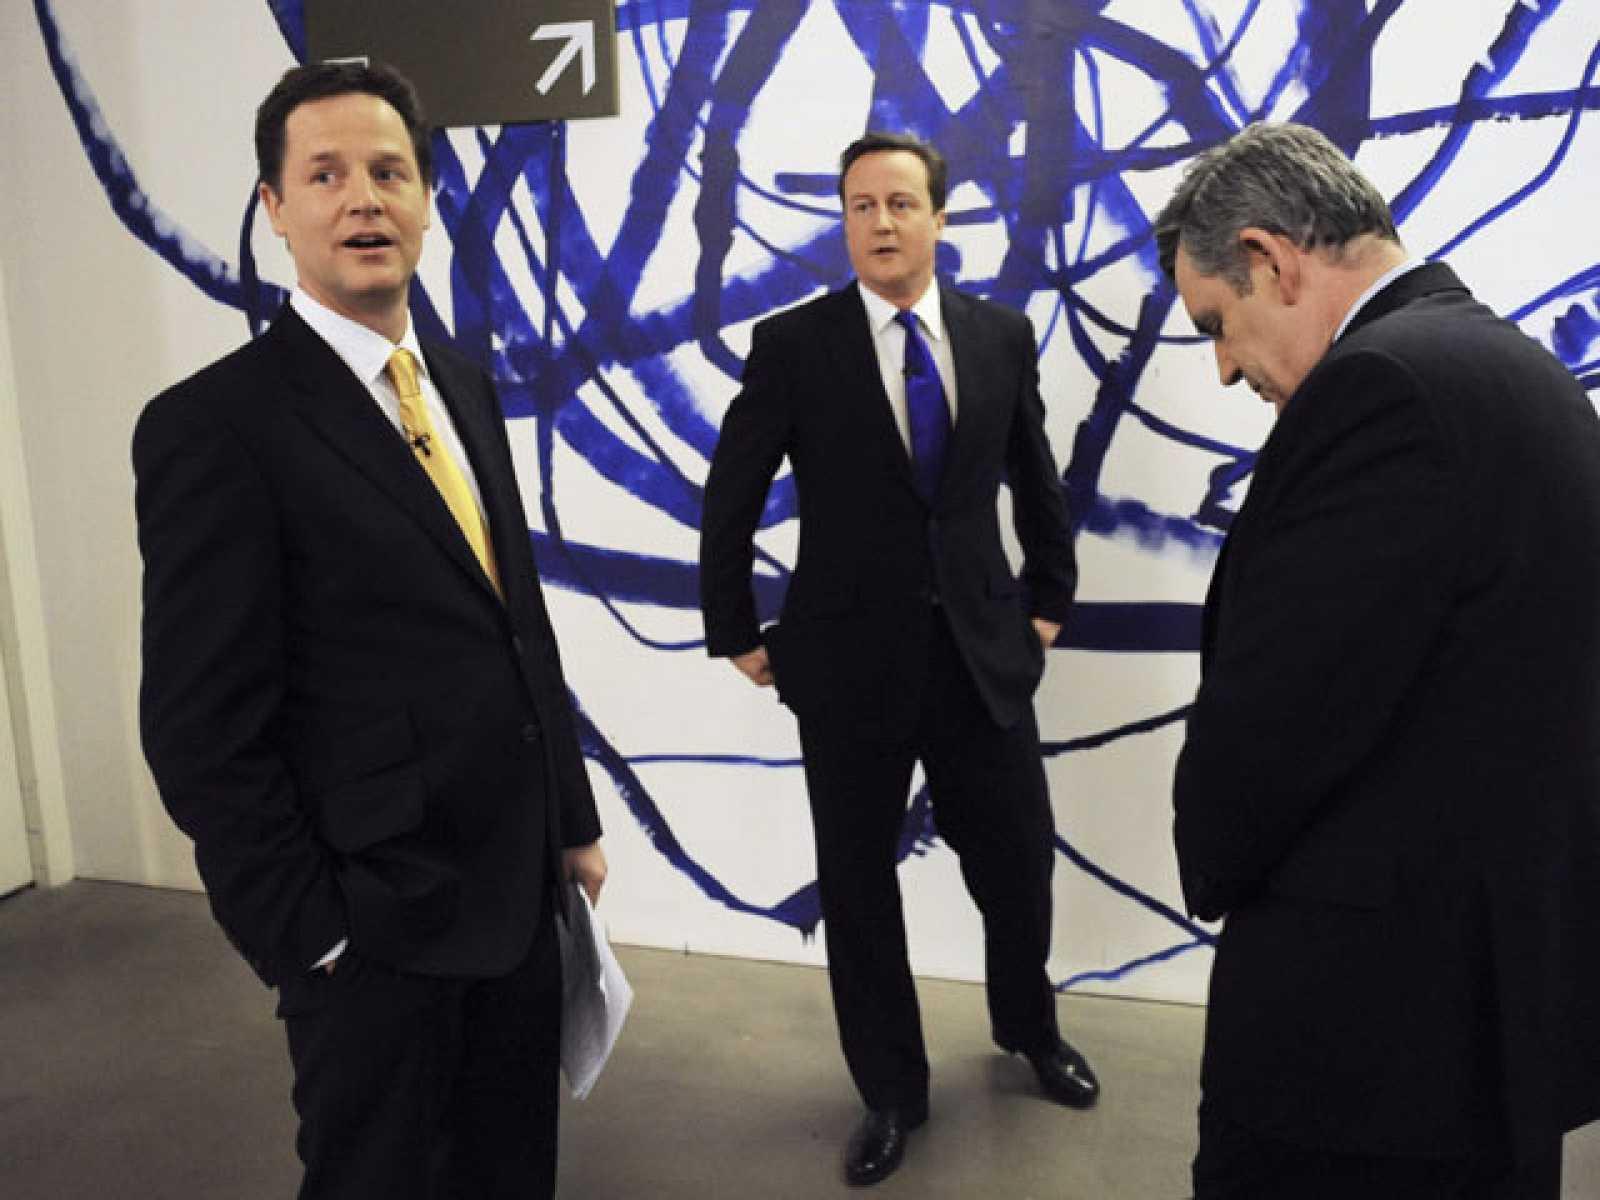 Segundo debate en Reino Unido: ningún vencedor claro